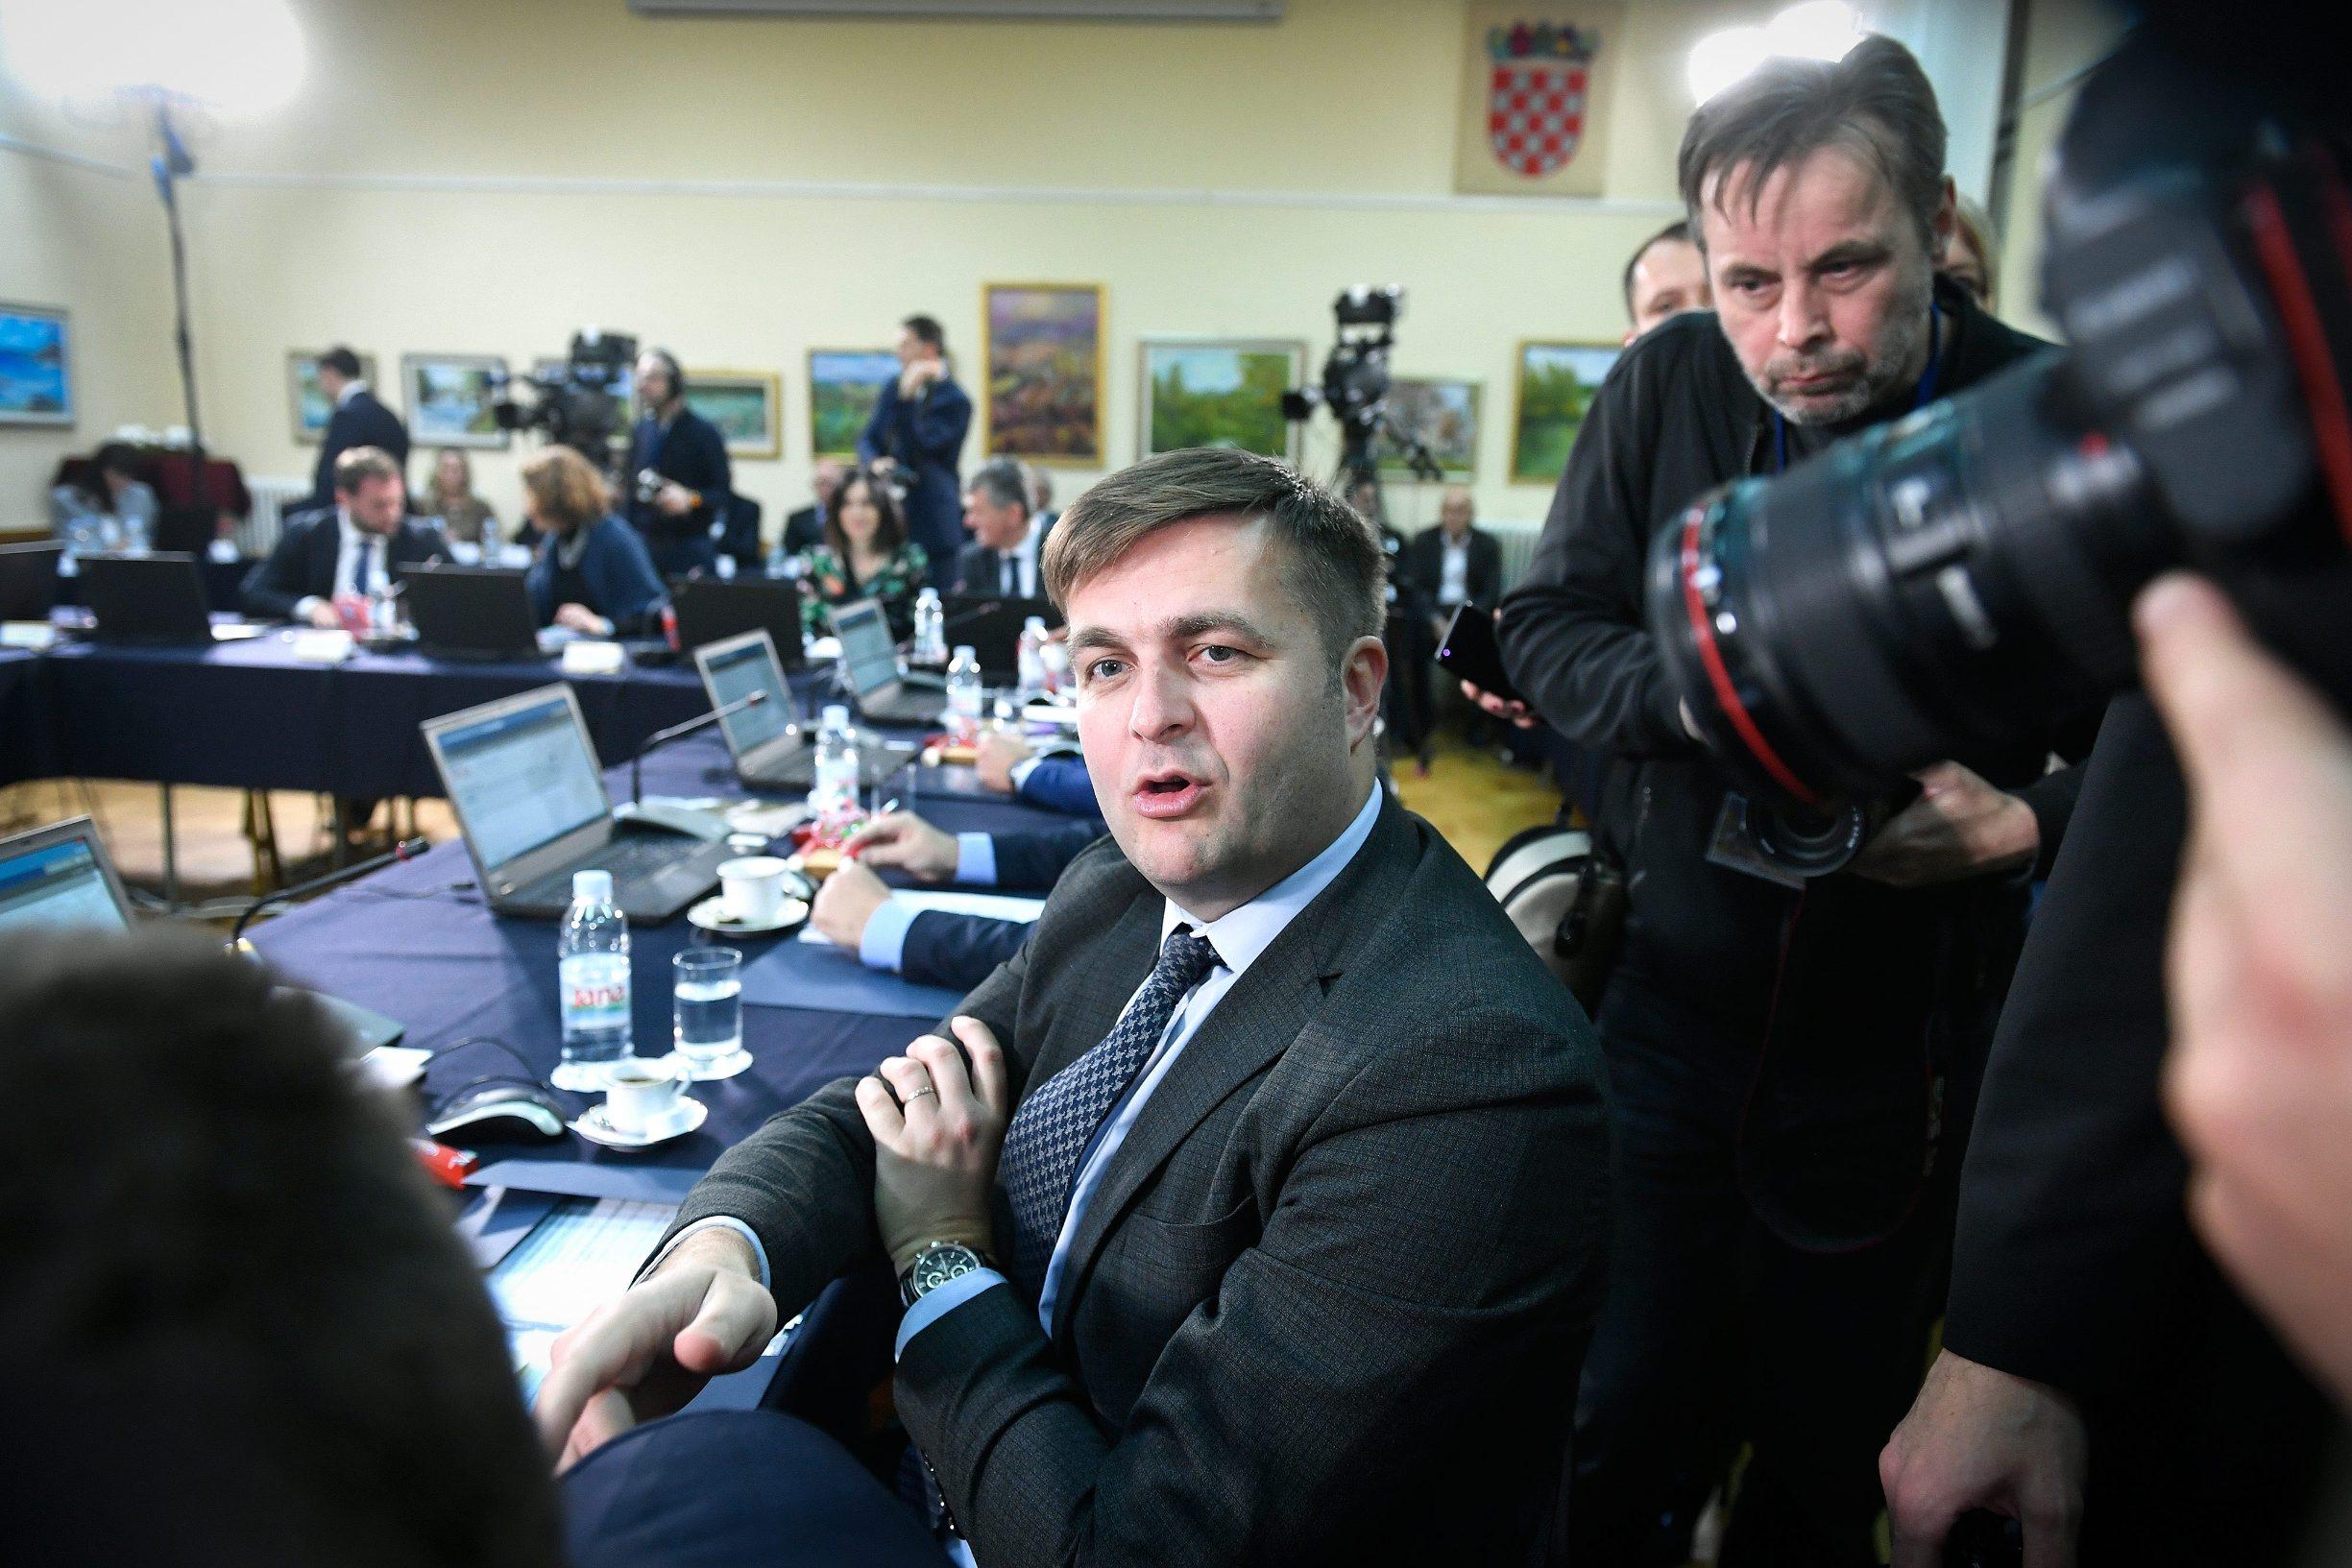 Krapina, 061219.  Otvoreno uciliste. Redovita sjednica Vlade. Na fotografiji: Tomislav Coric, ministar zastite okolisa i energetike. Foto: Goran Mehkek / CROPIX